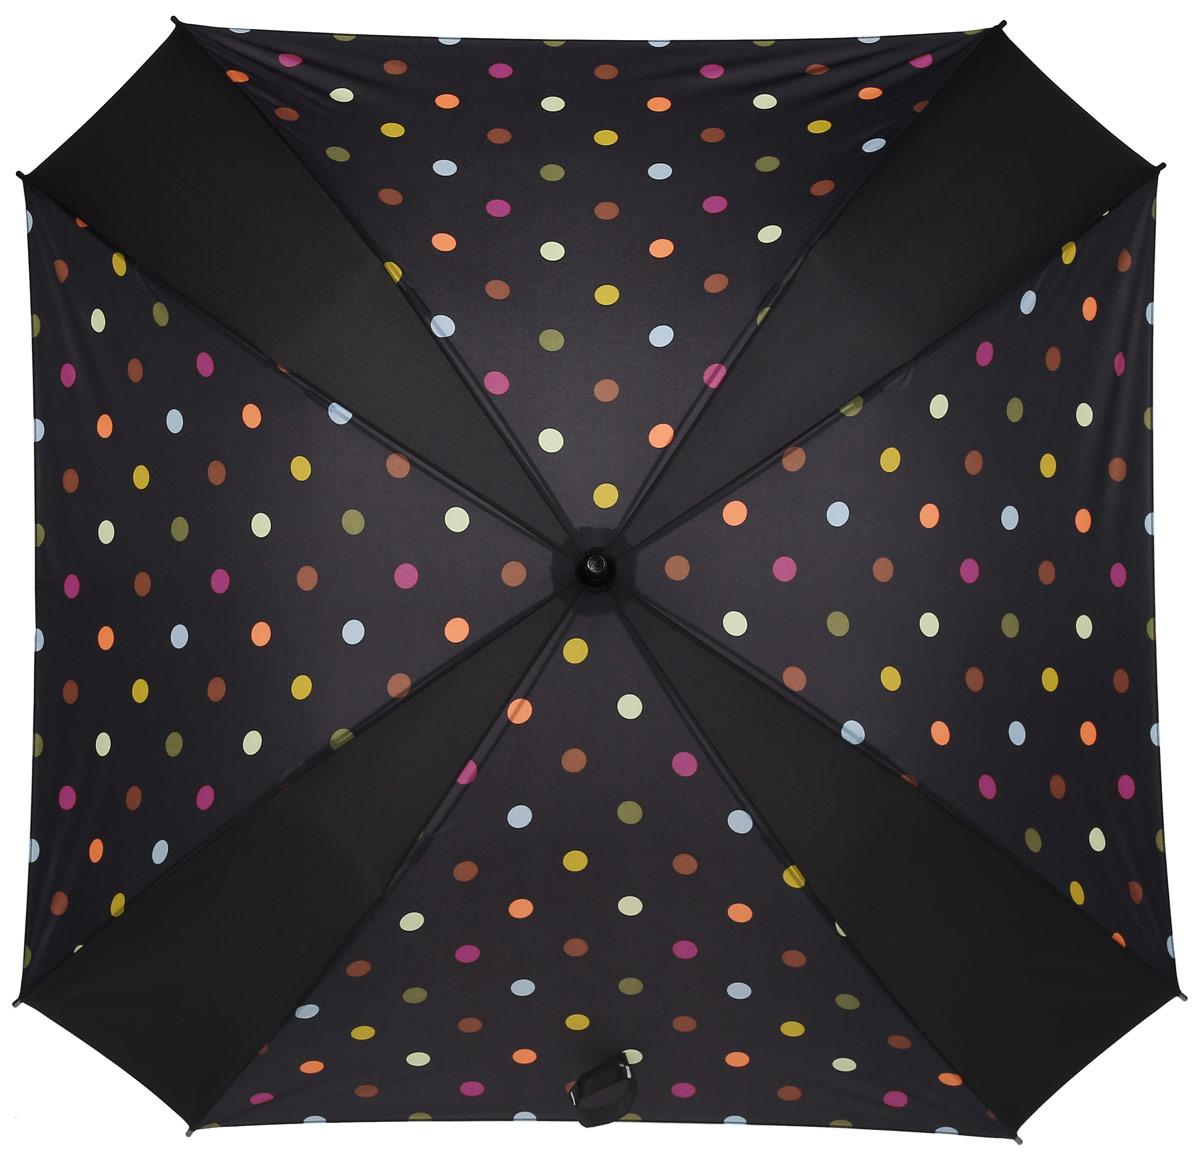 Зонт-трость Reisenthel, цвет: черный. YM7009YM7009Ни снег, ни проливной дождь не страшны, когда с вами ваш надежный друг - красивый зонт-трость. А надежен он благодаря своей инновационной форме в виде октагона - фигуры с 8 углами. У зонта гибкие спицы со специальными пружинами, которые не сломаются. При сильном ветре зонт просто вывернется наизнанку. А вот острый наконечник и ручка, которая позволяет повесить зонт - самые что ни на есть классические, удобные и красивые. Чтобы просушить его, просто оставьте открытым (пожалуйста, не сворачивайте зонт, пока он мокрый).